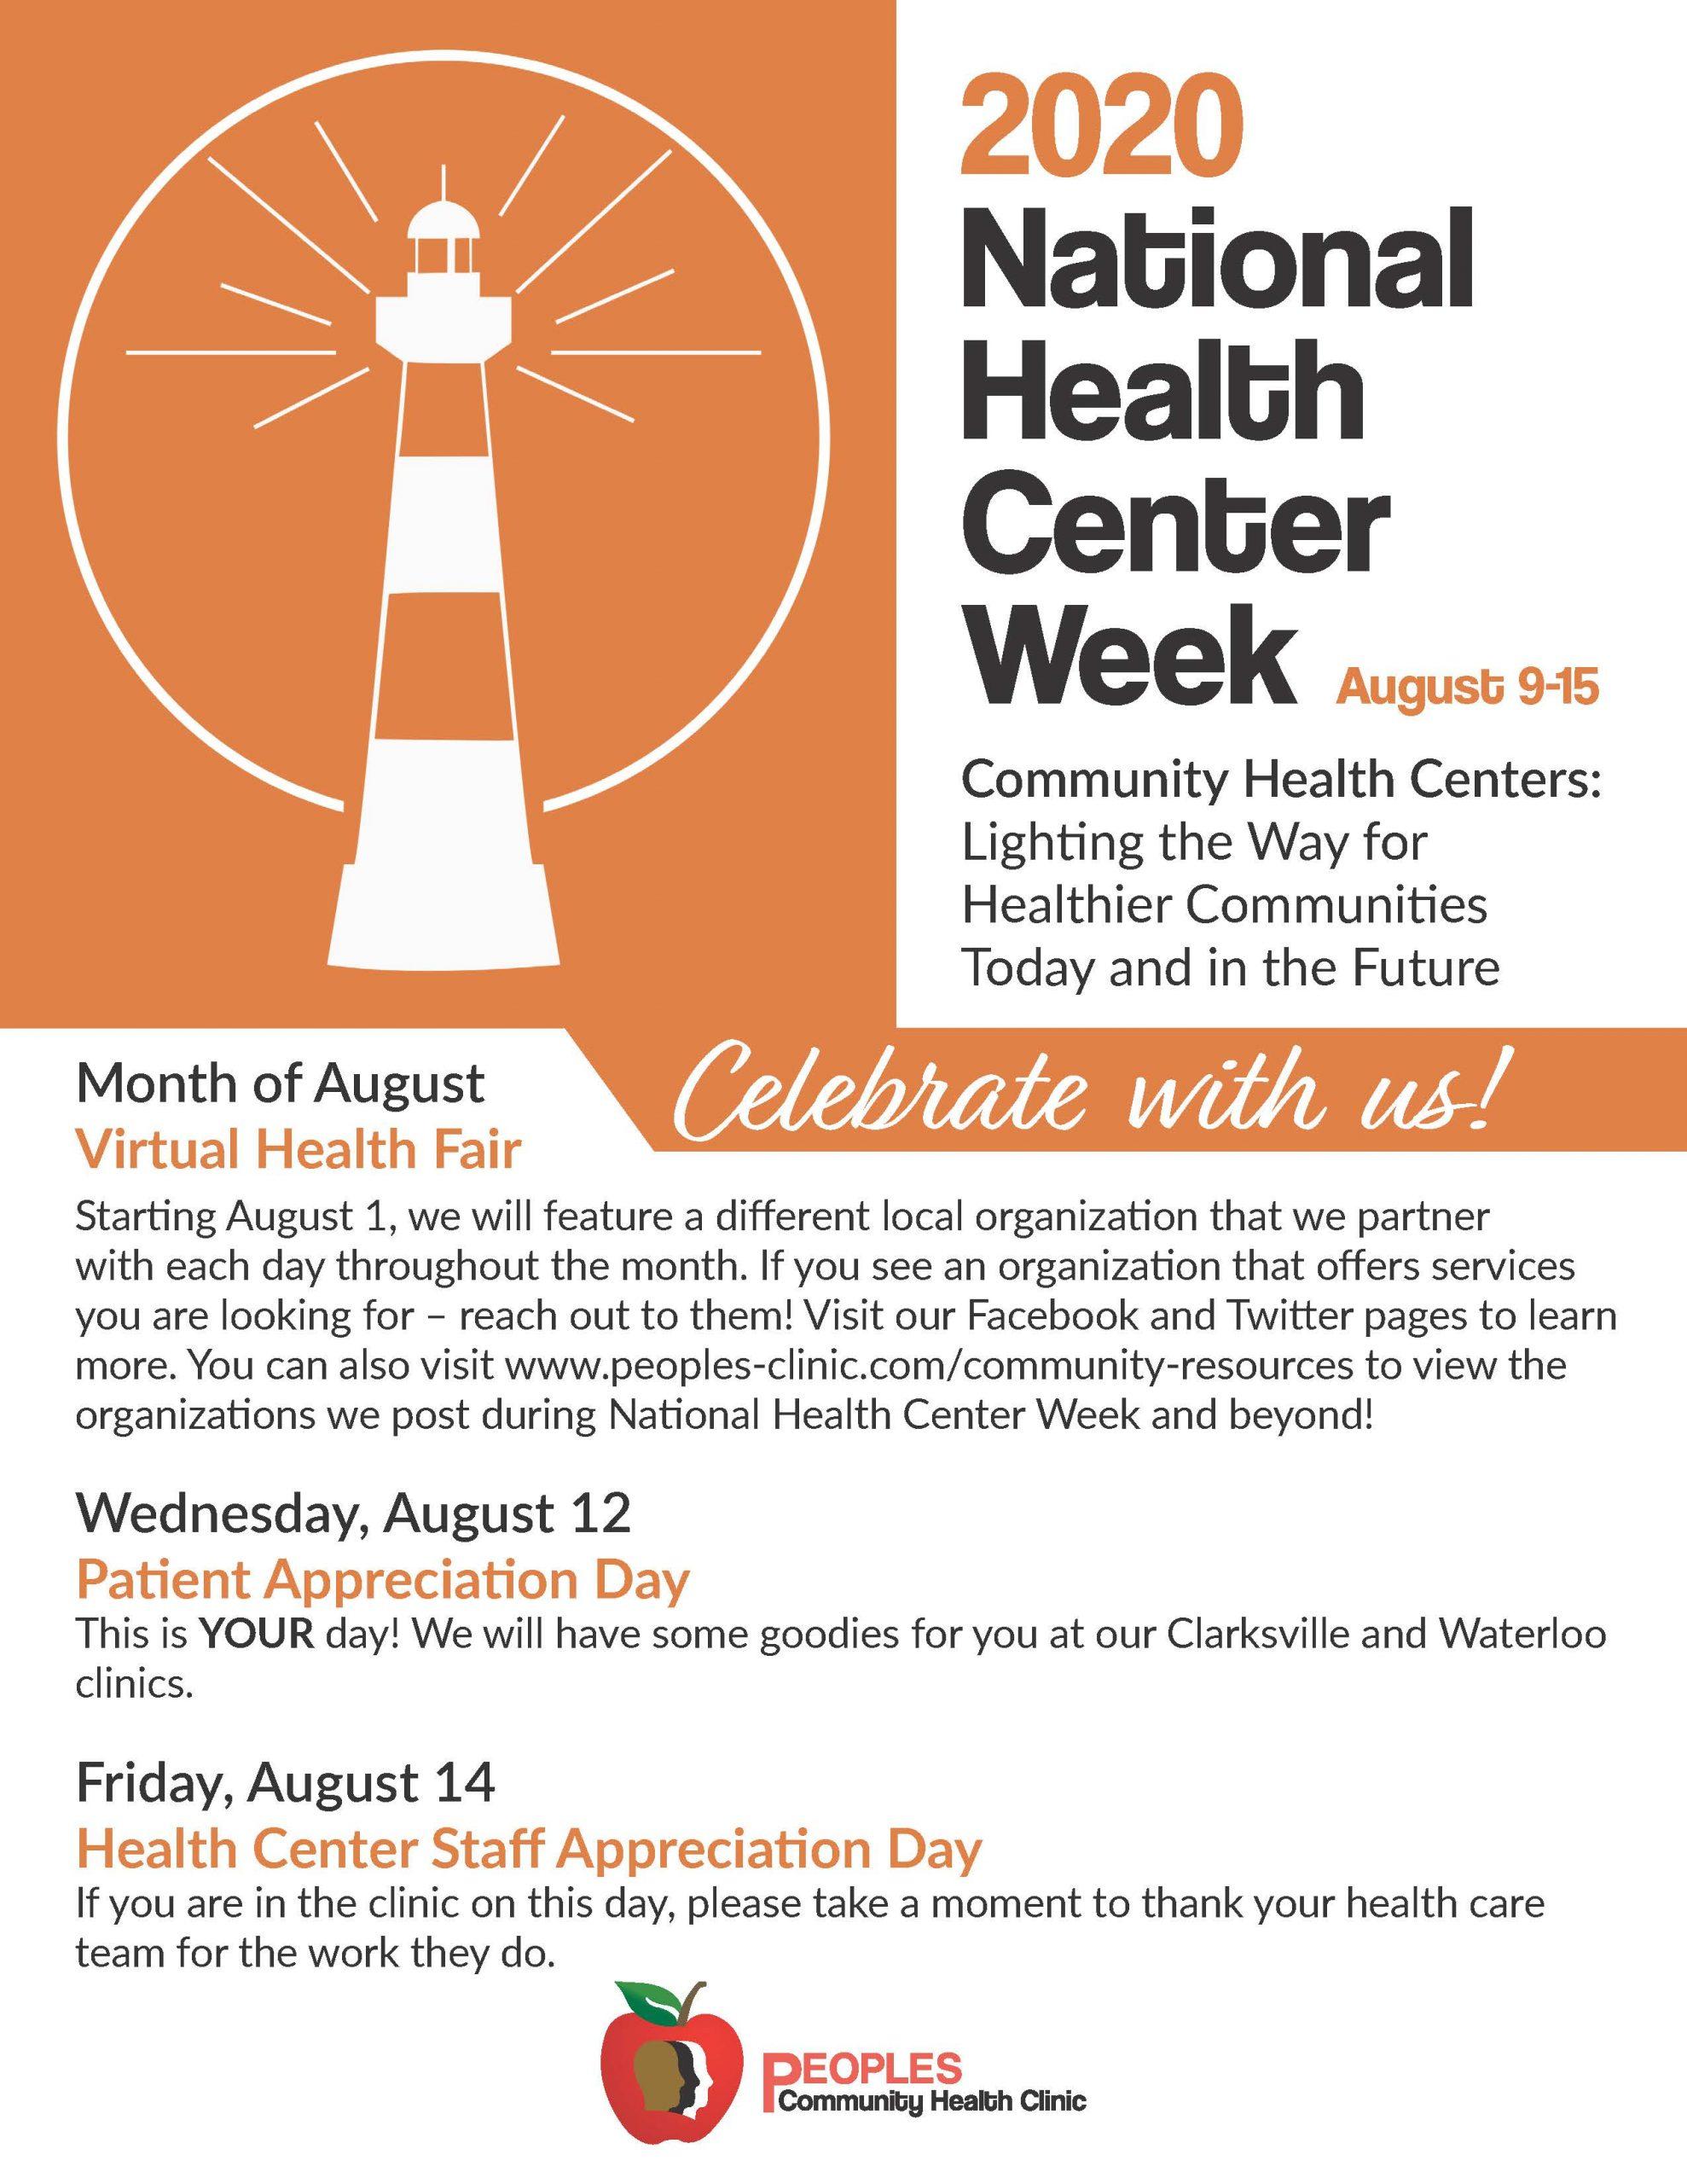 National Health Center Week Schedule - 2020